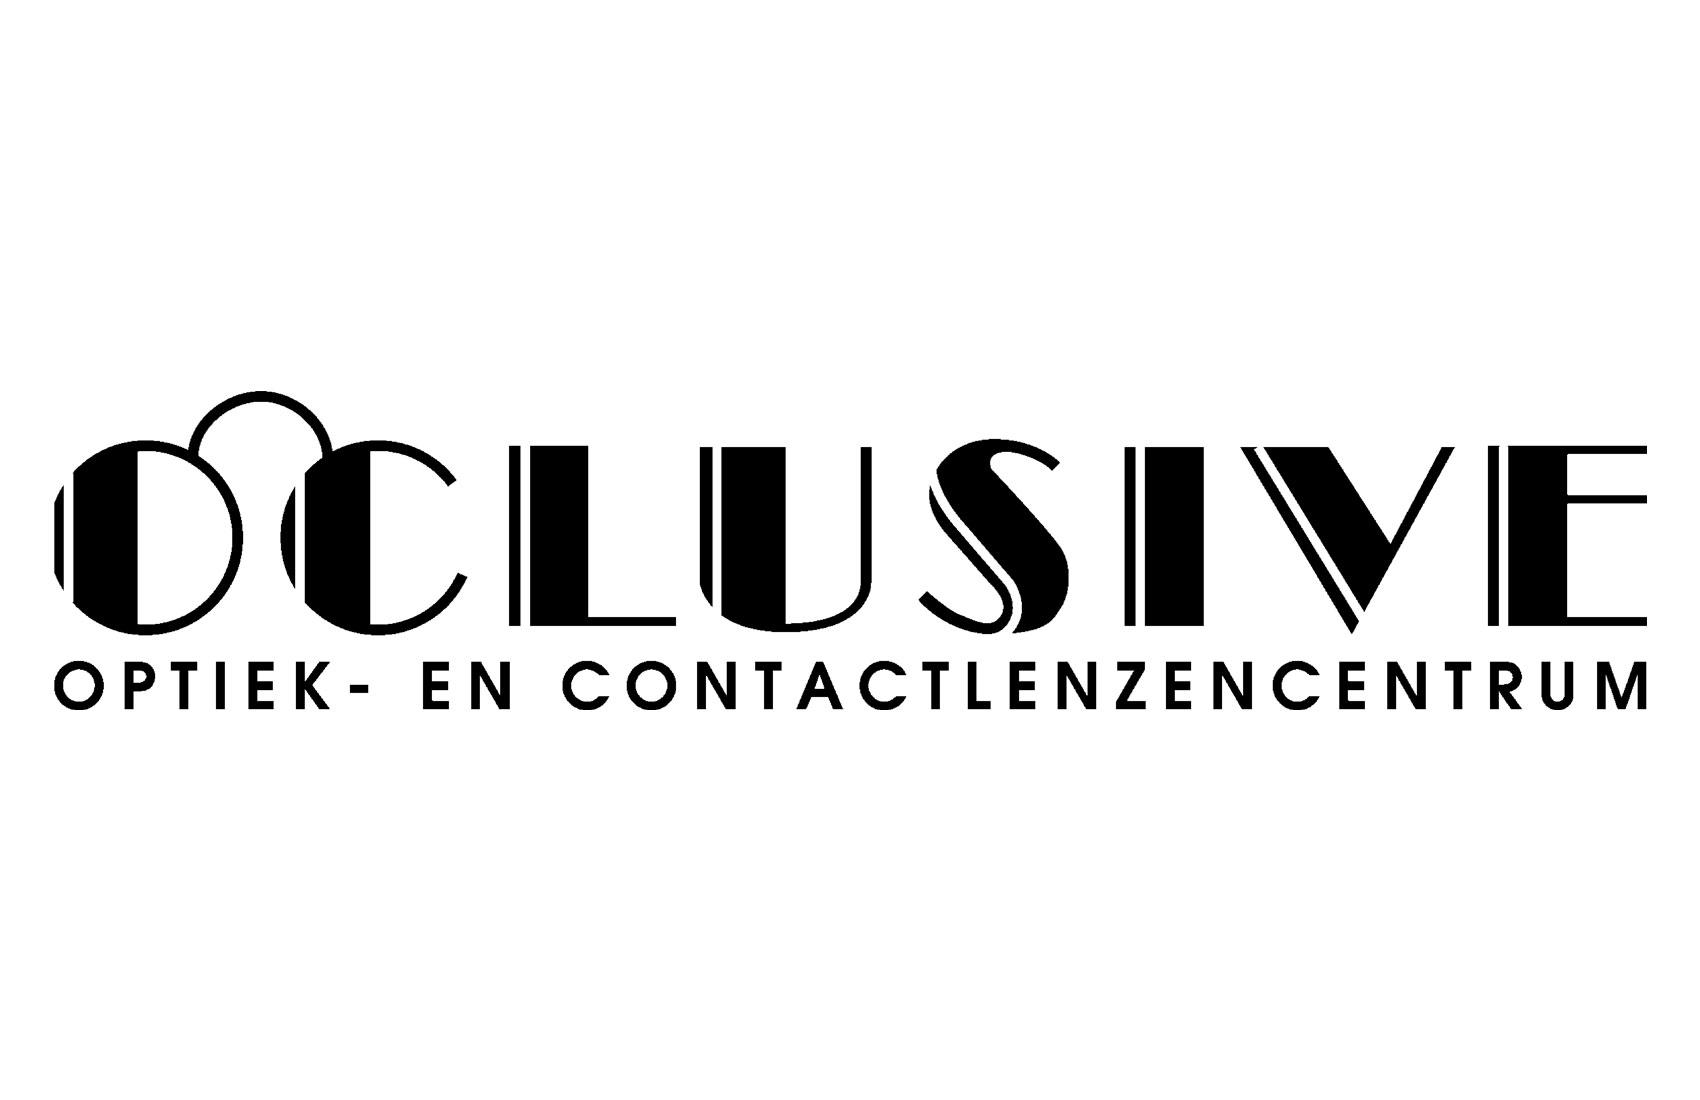 Oclusive - optiek en contactlenzencentrum